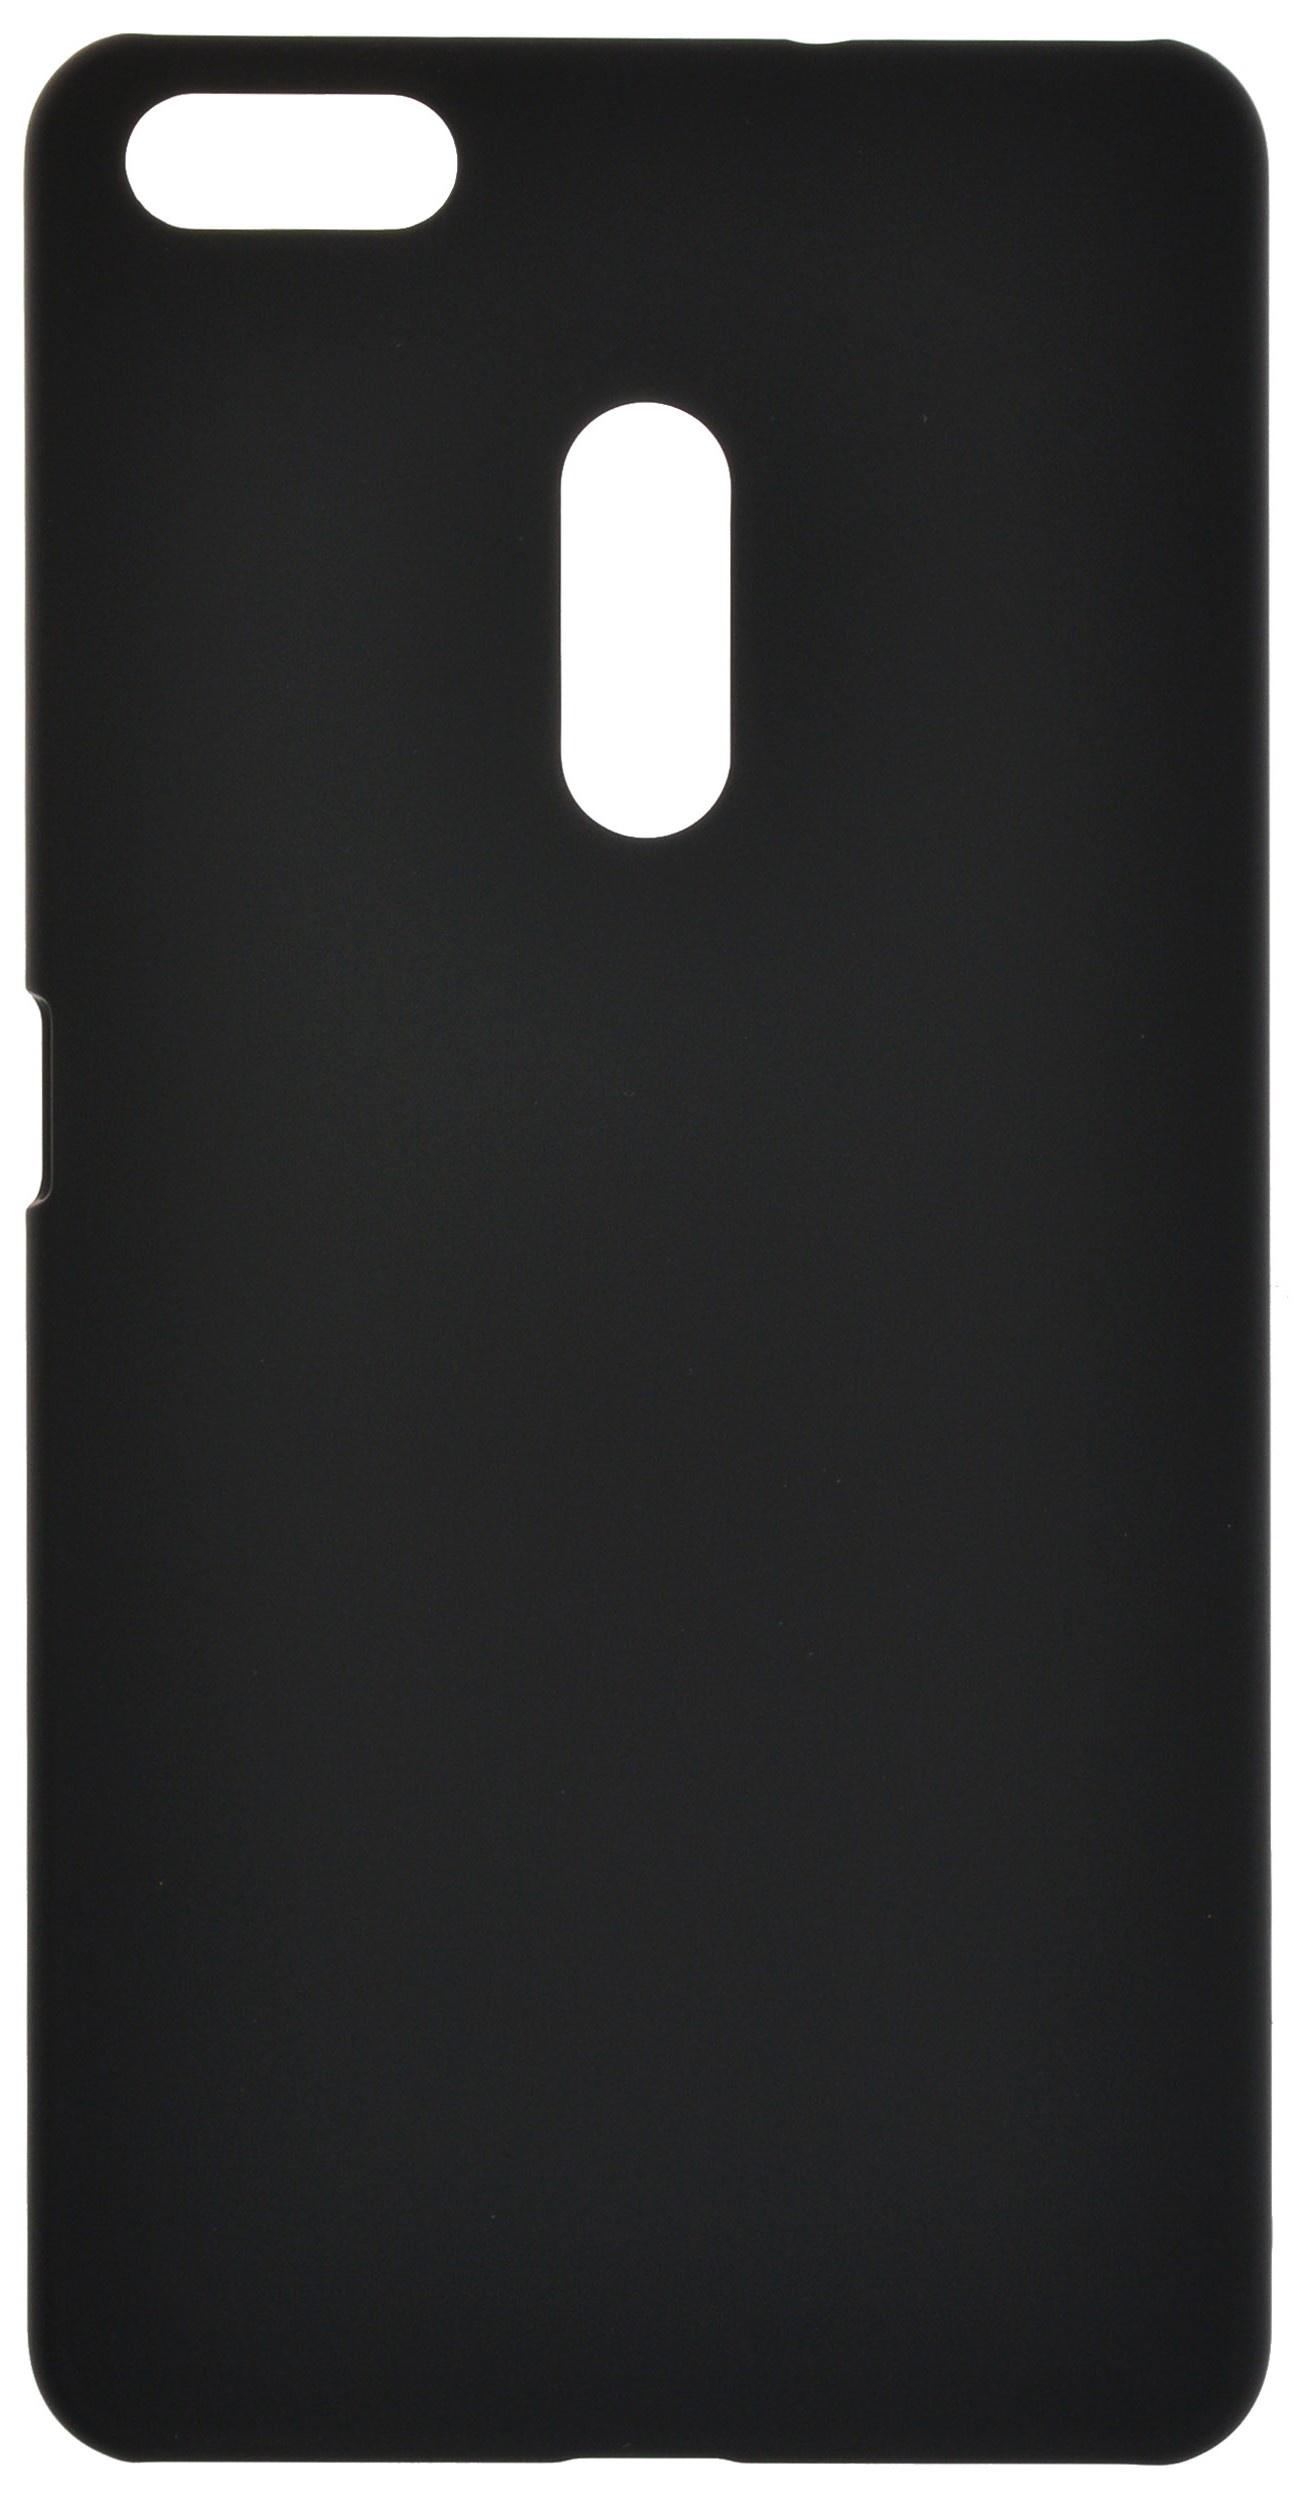 цена на Чехол для сотового телефона skinBOX 4People, 4630042524781, черный